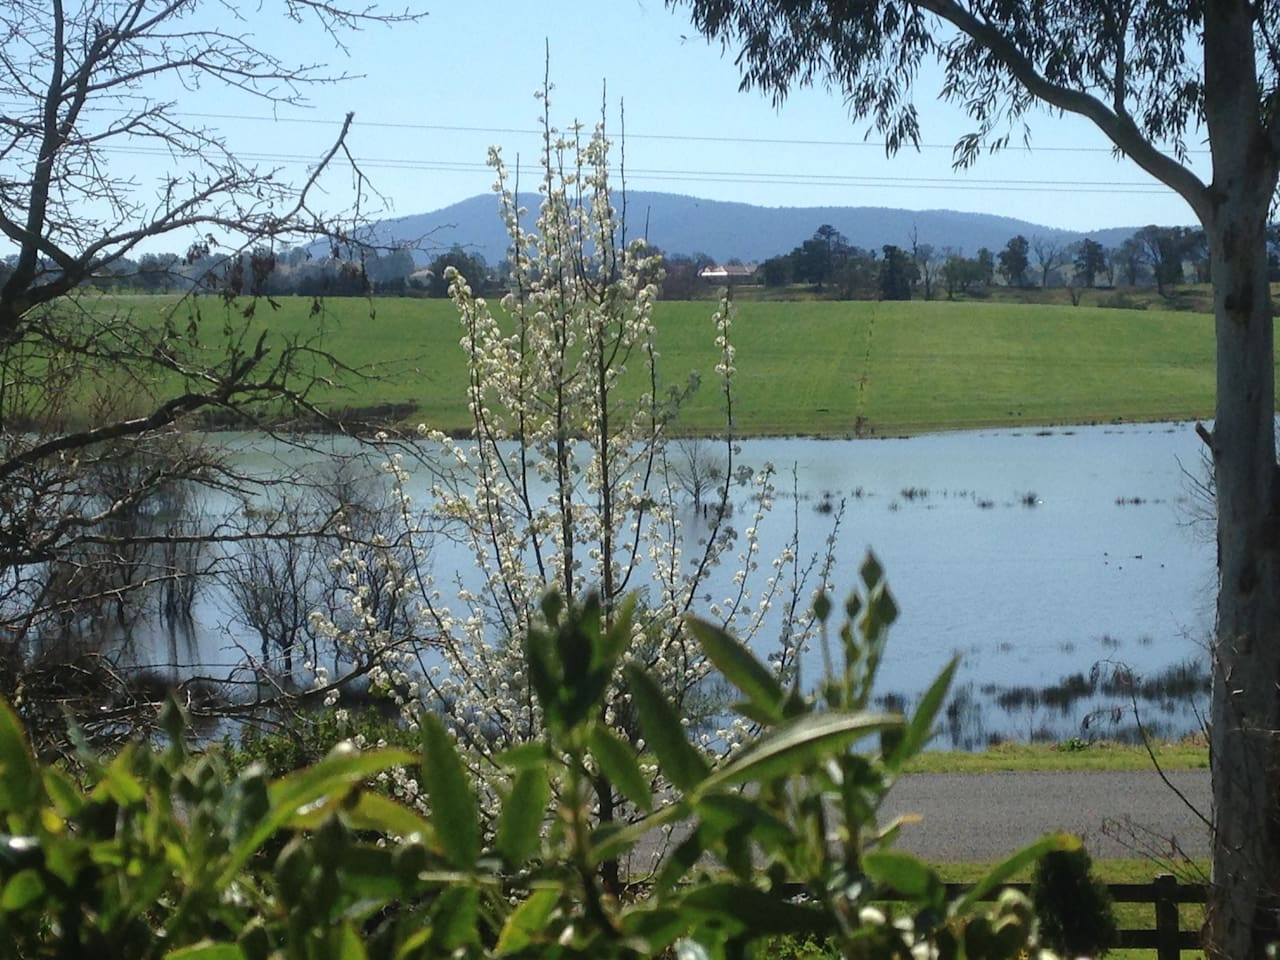 Mumbulla views